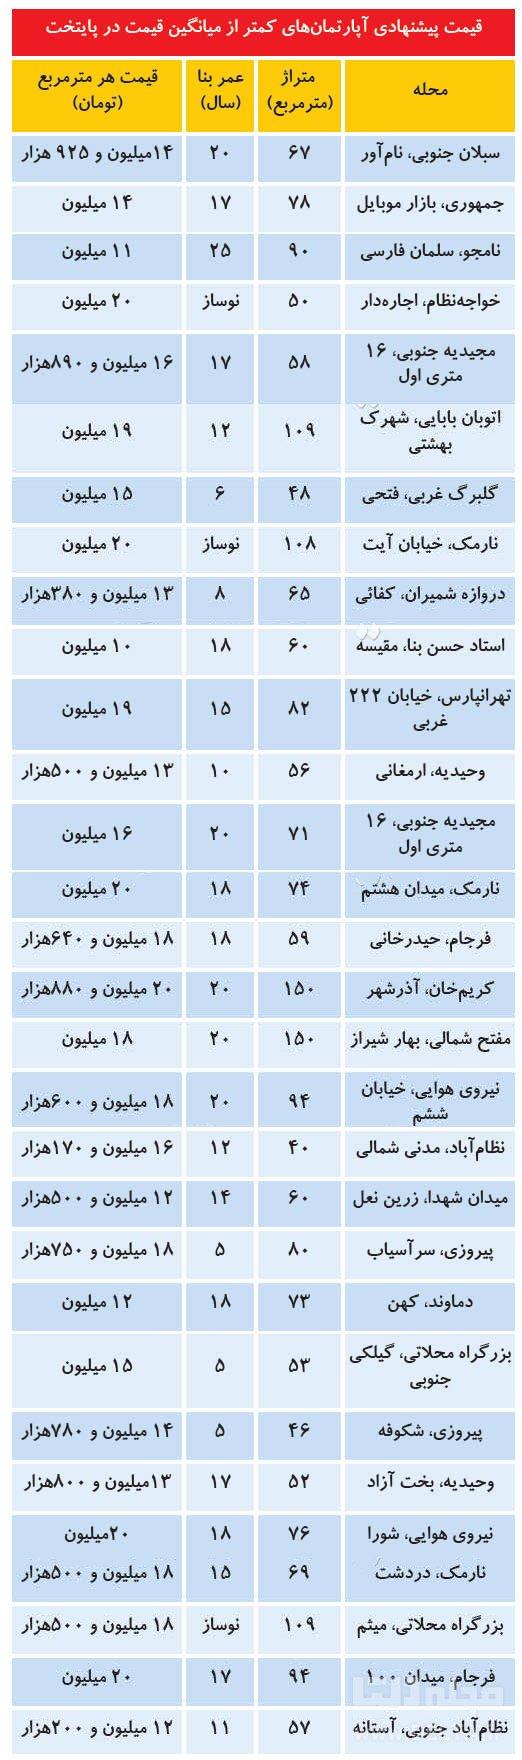 قیمت آپارتمان در تهران